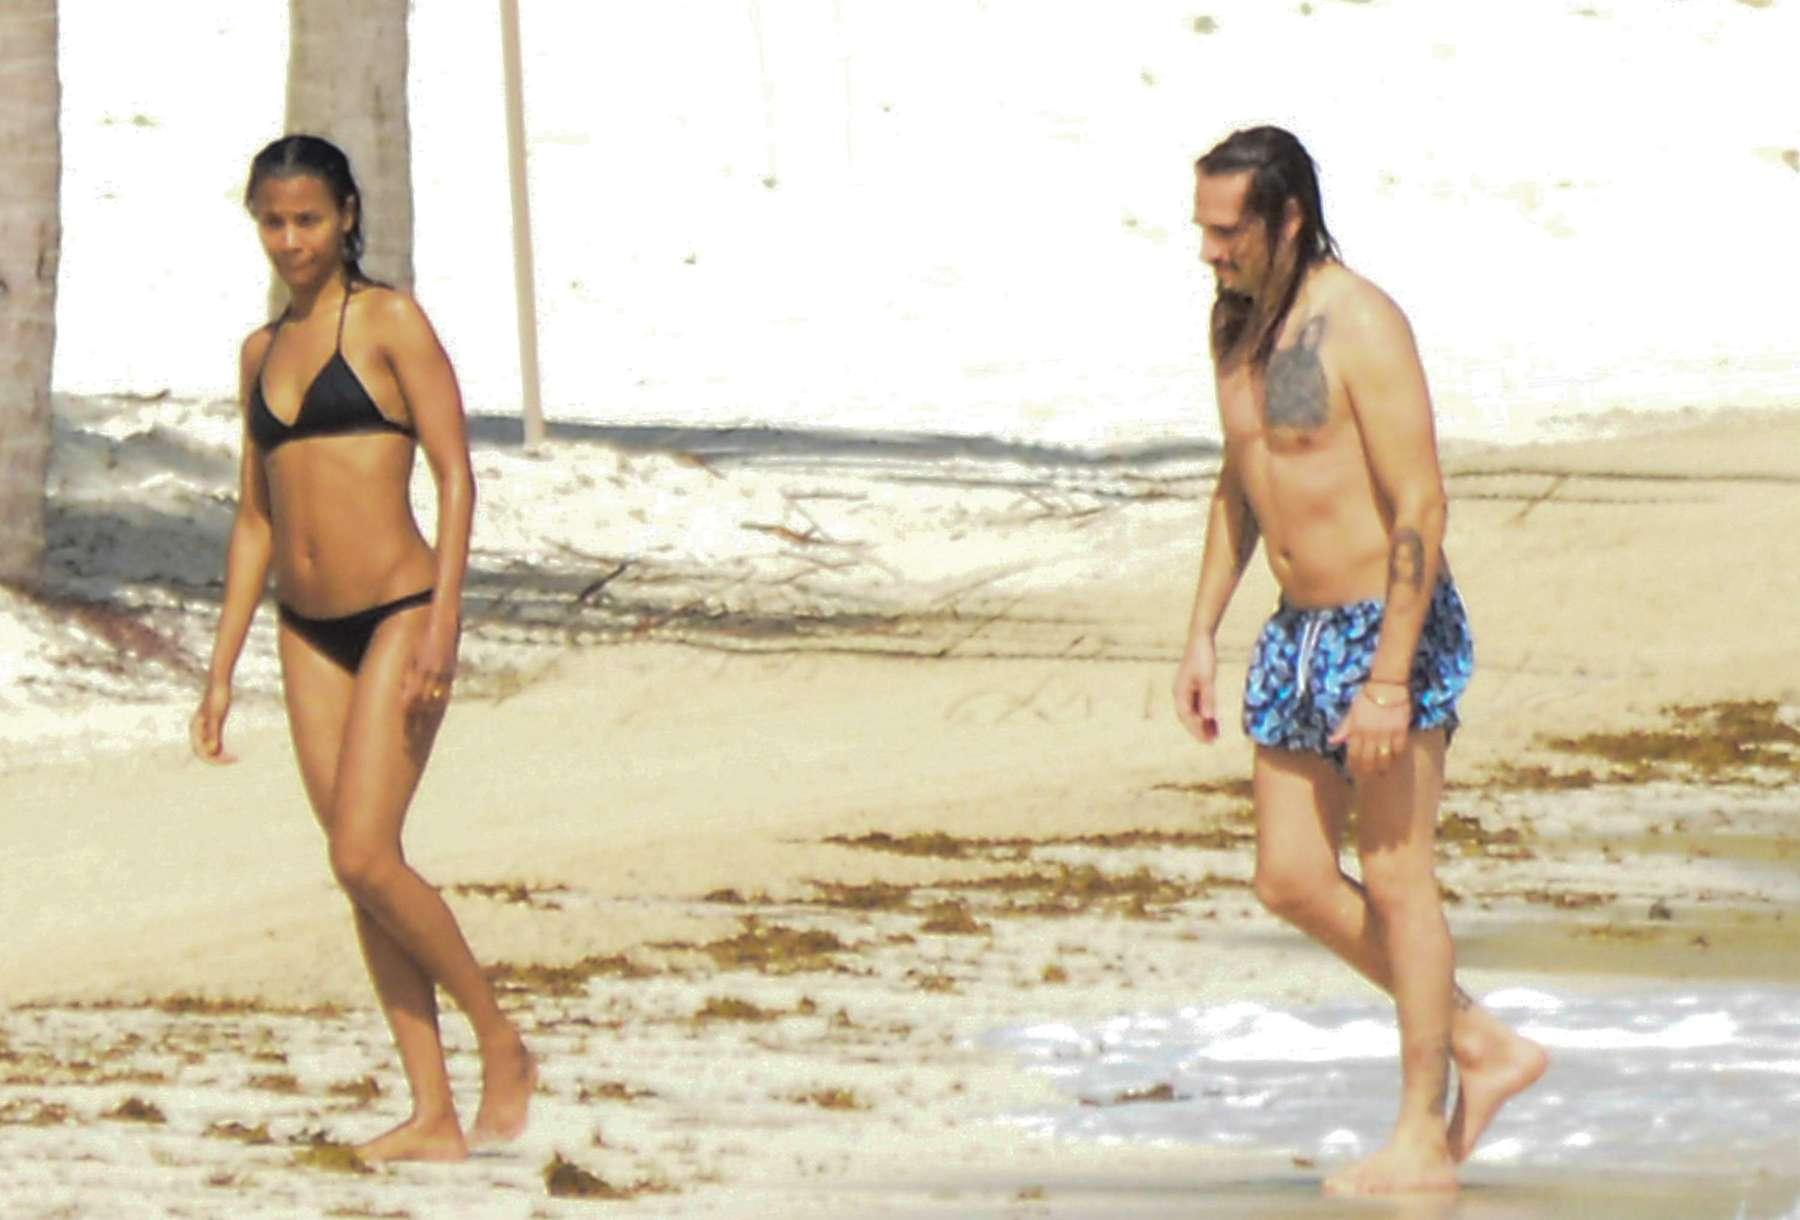 Zoe Saldana Bikini Pics 49